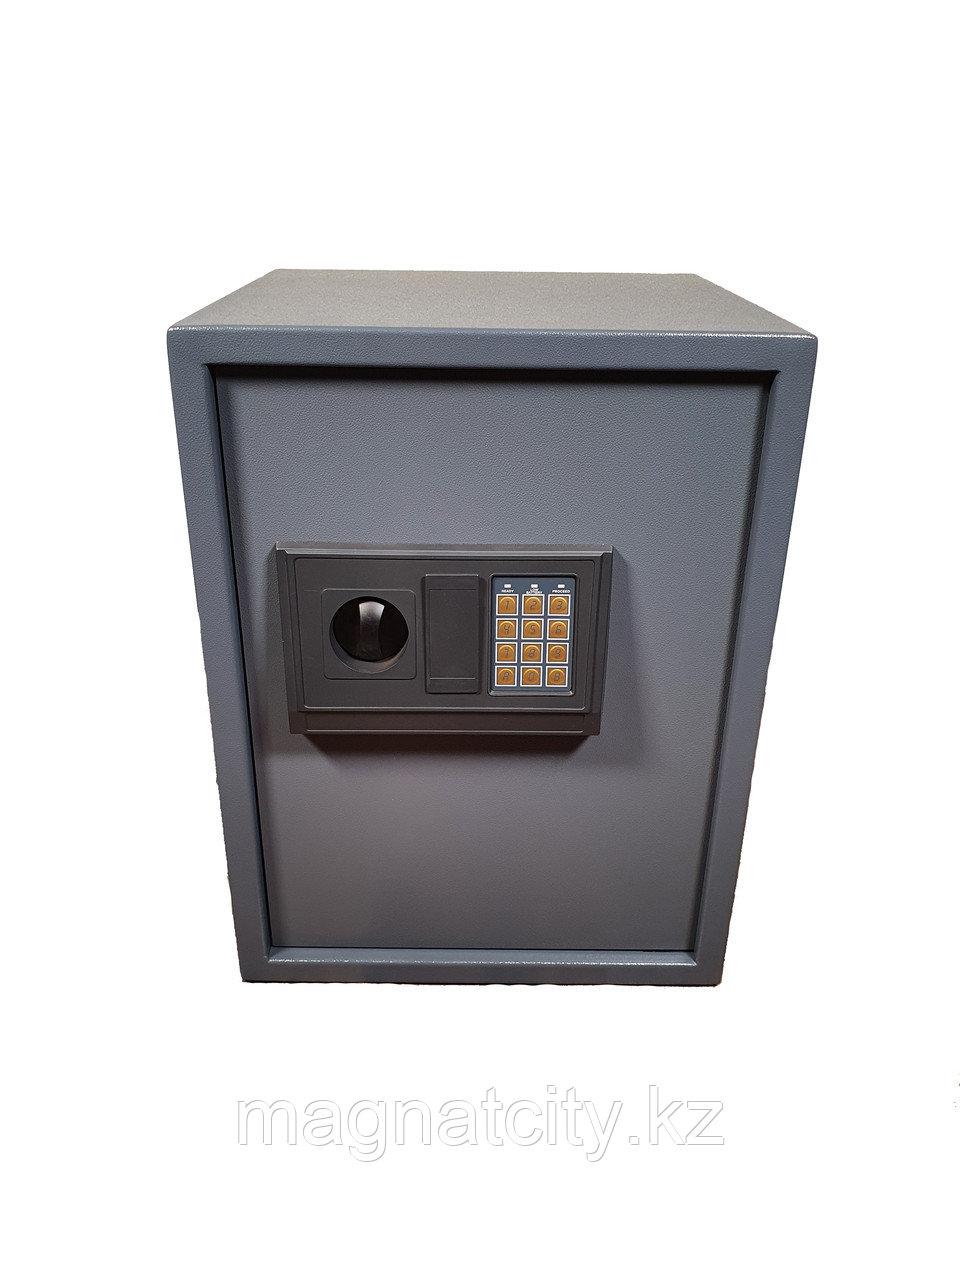 Сейф мебельный FD500 (50X38X35см, 16.5кг.)